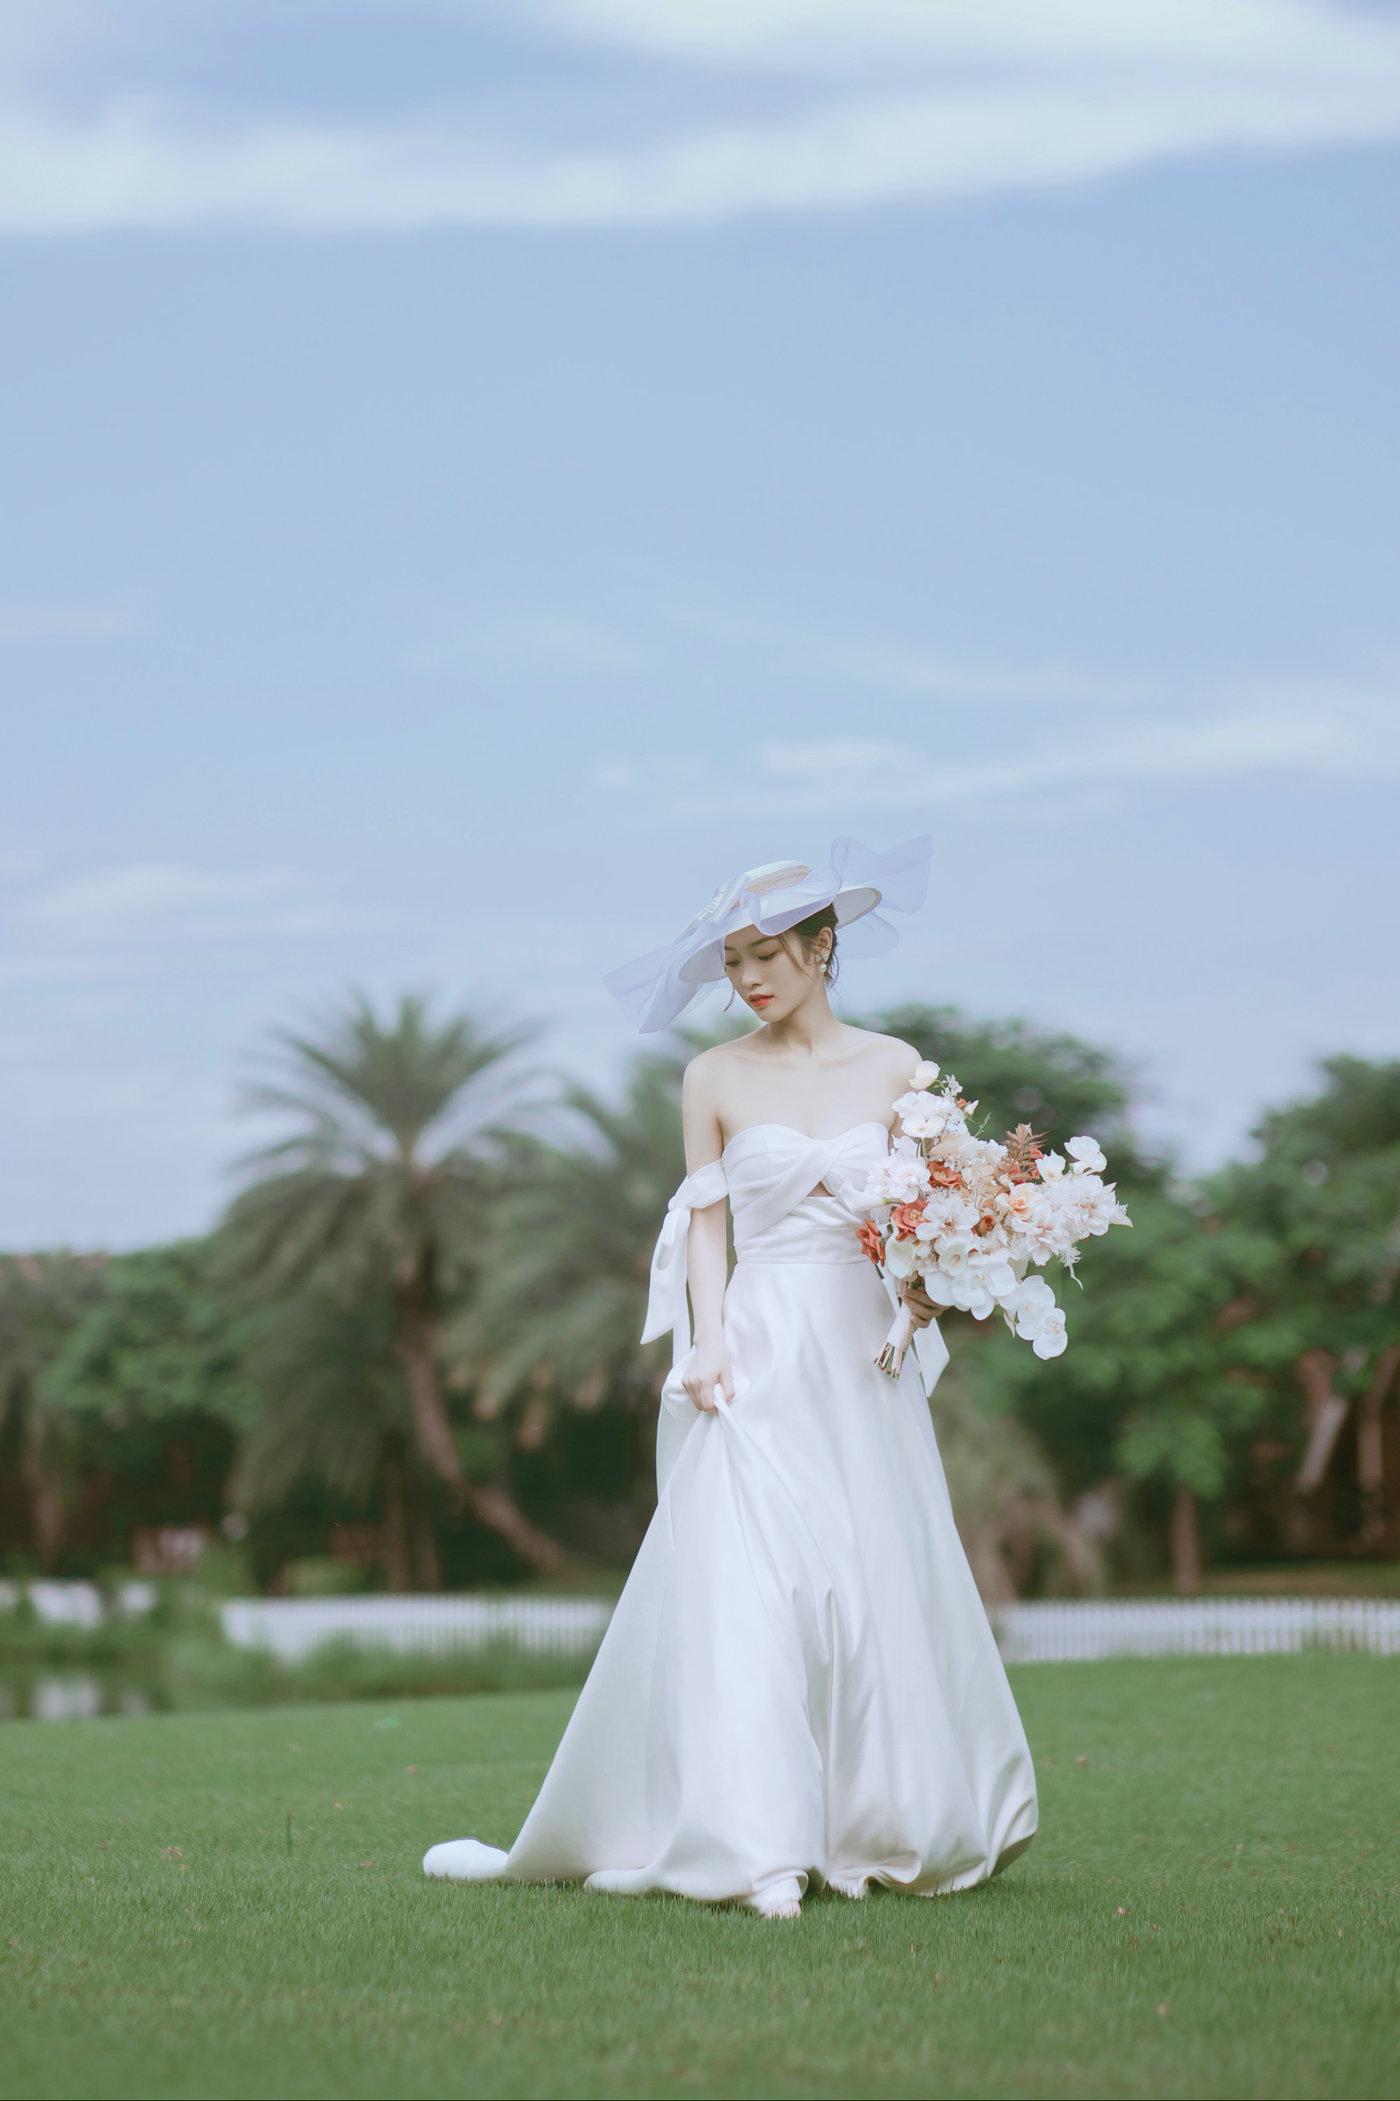 迪茵湖法式草坪婚纱照9